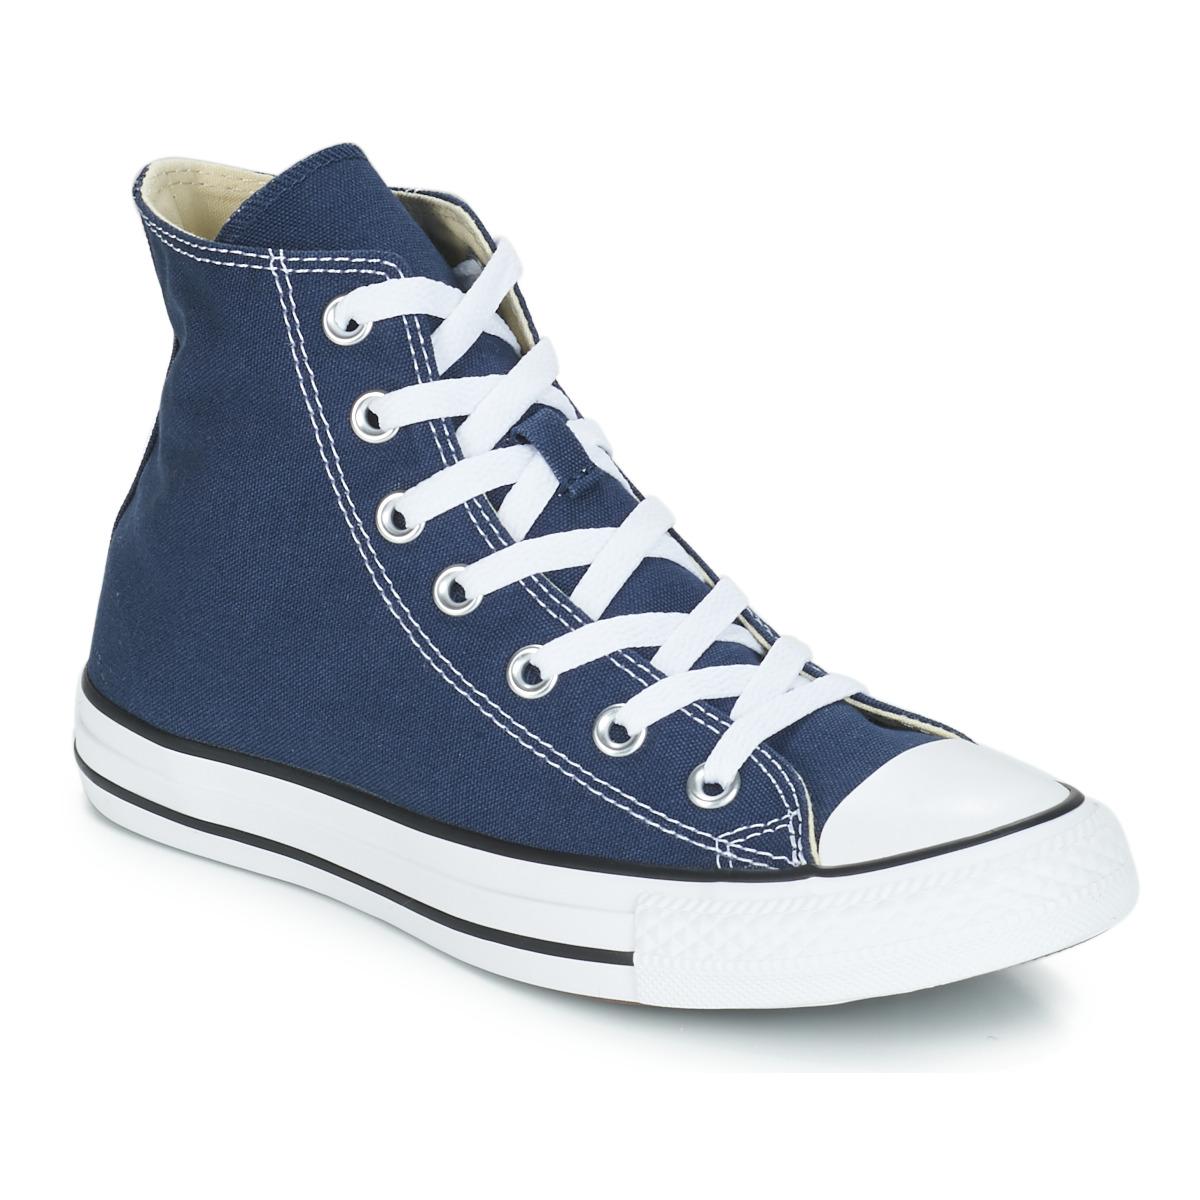 Converse CHUCK TAYLOR ALL STAR CORE HI Marine - Kostenloser Versand bei Spartoode ! - Schuhe Sneaker High  55,99 €